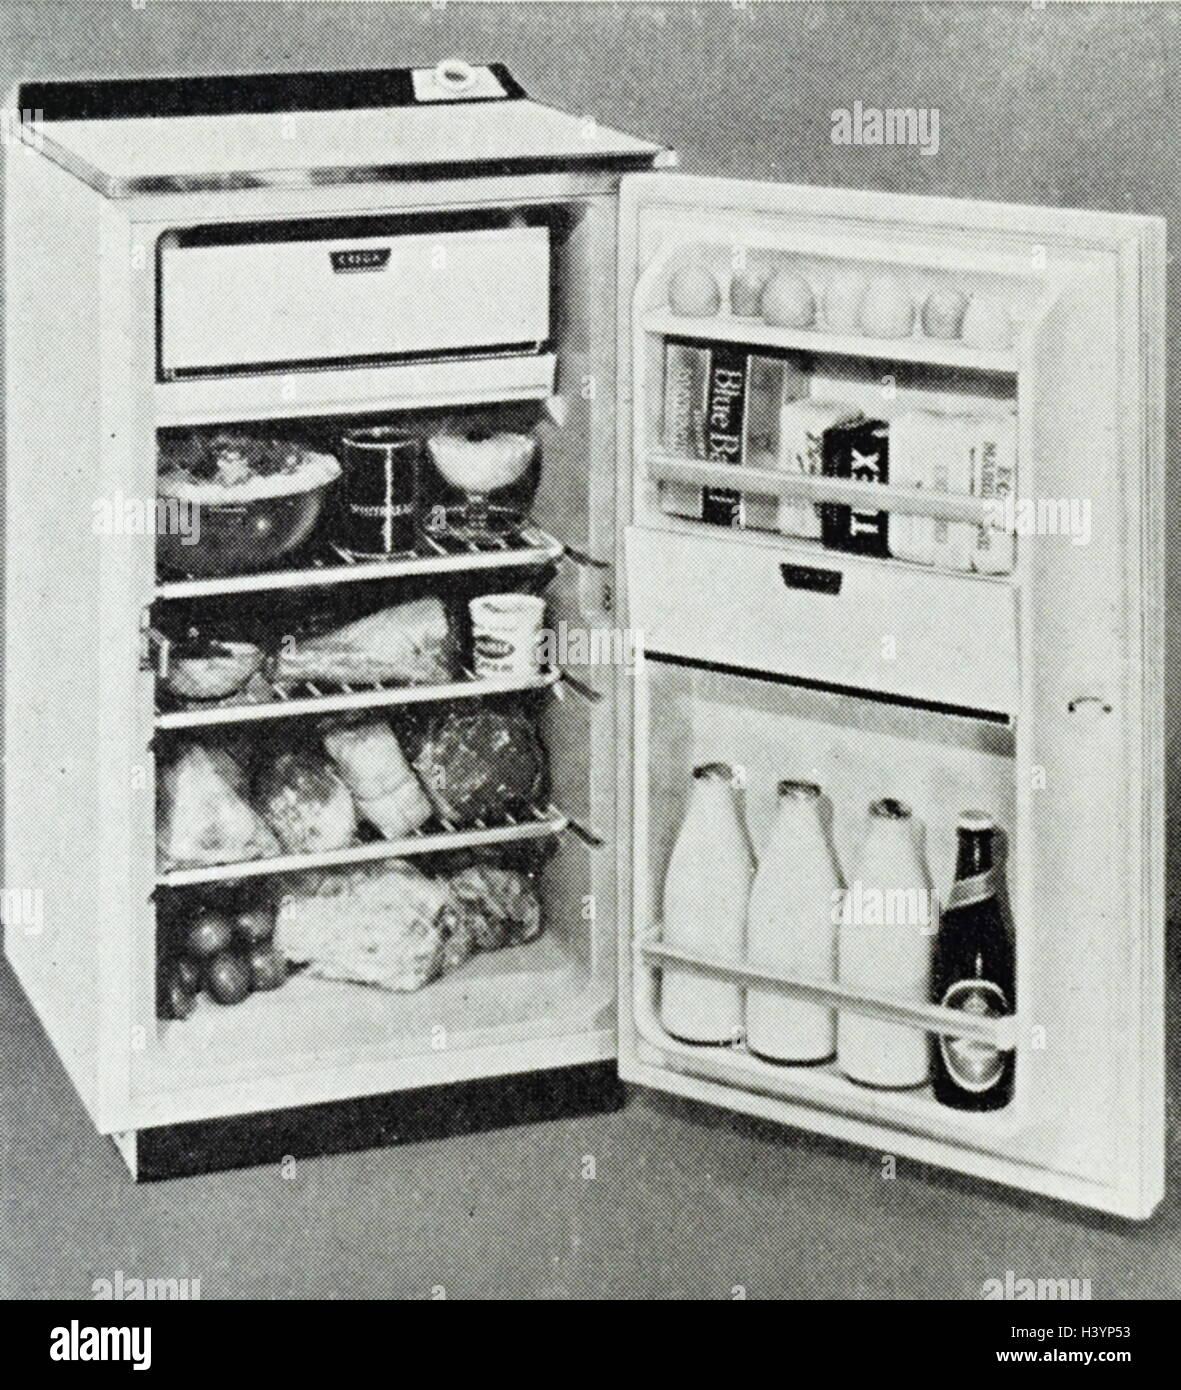 ein typischer voller breite der 1960er jahre k hlschrank vom 20 jahrhundert stockfoto bild. Black Bedroom Furniture Sets. Home Design Ideas